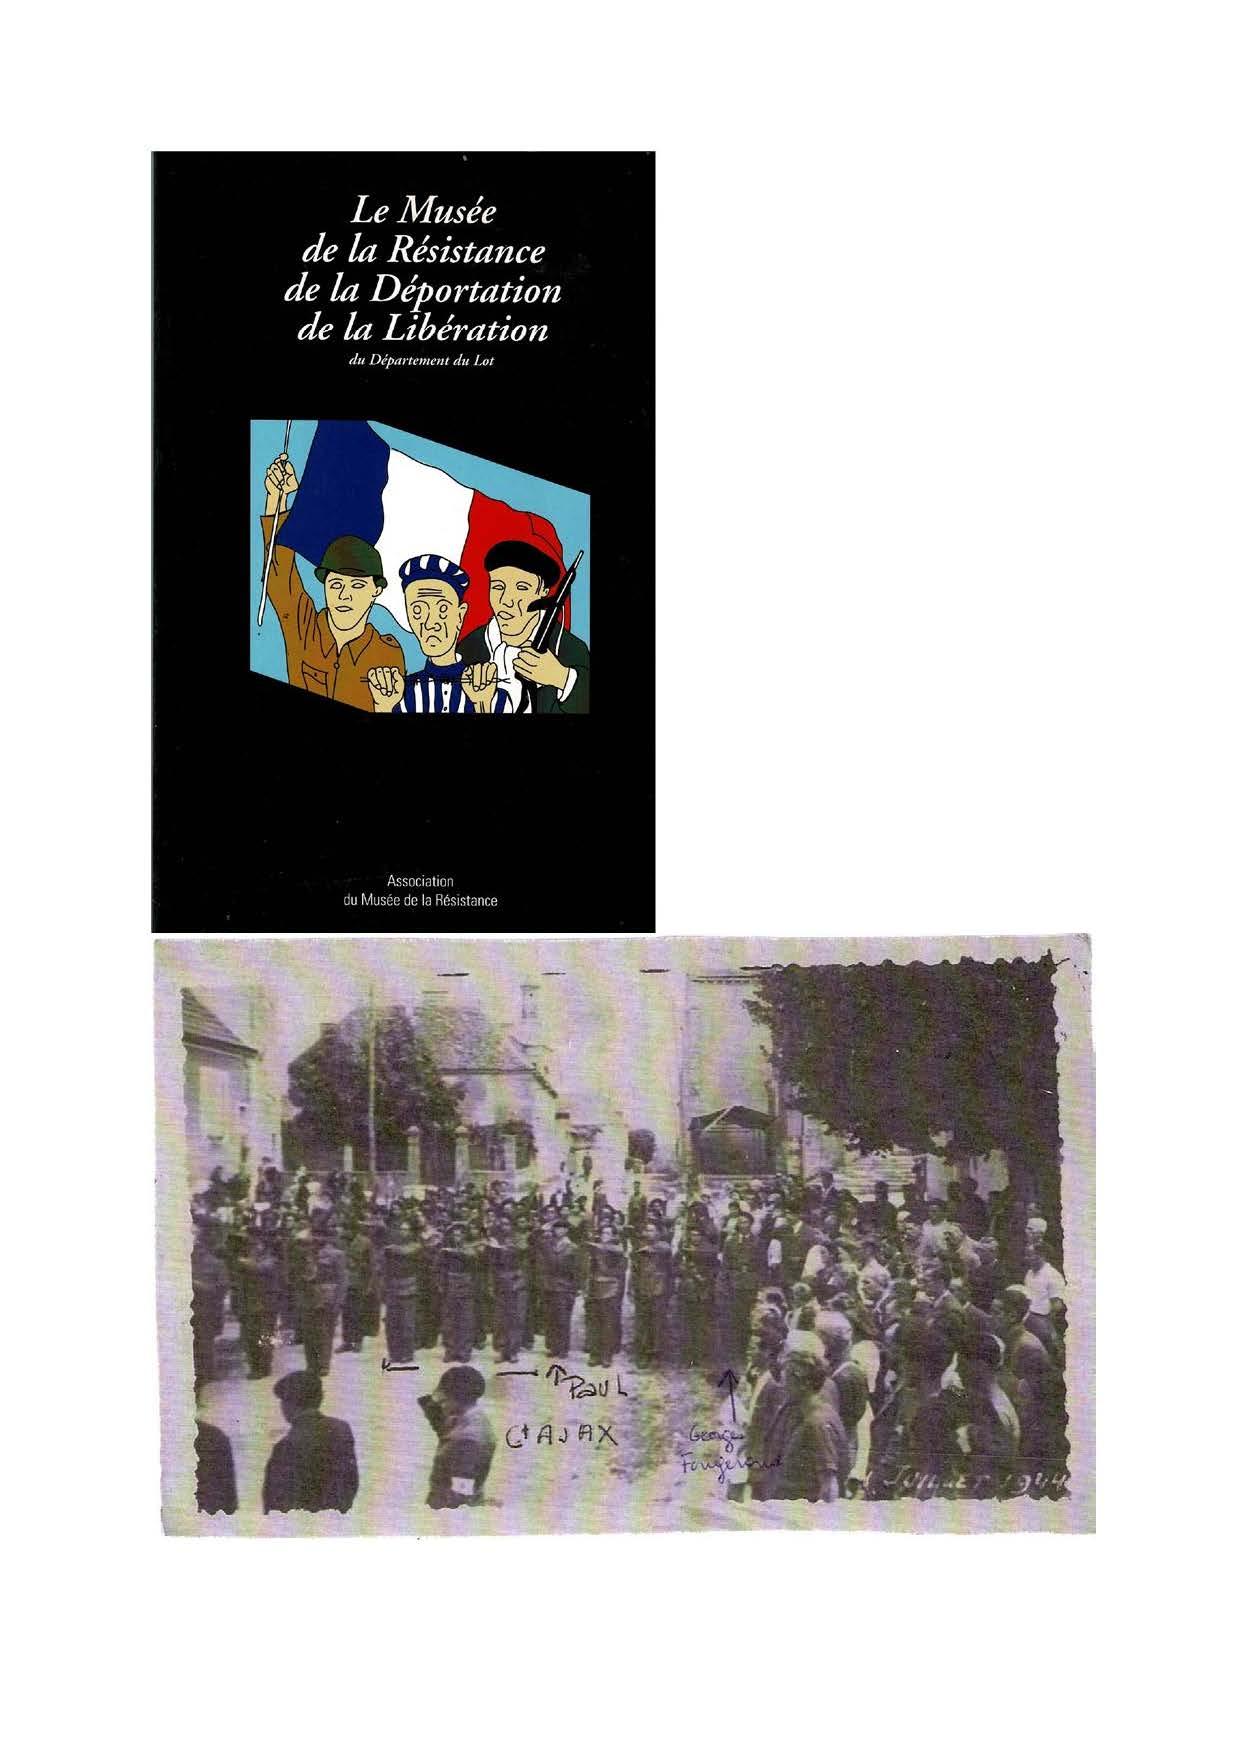 Communiqué et droit de réponse poétique et littéraire à Mr Dominique Bousquet_Page_11.jpg